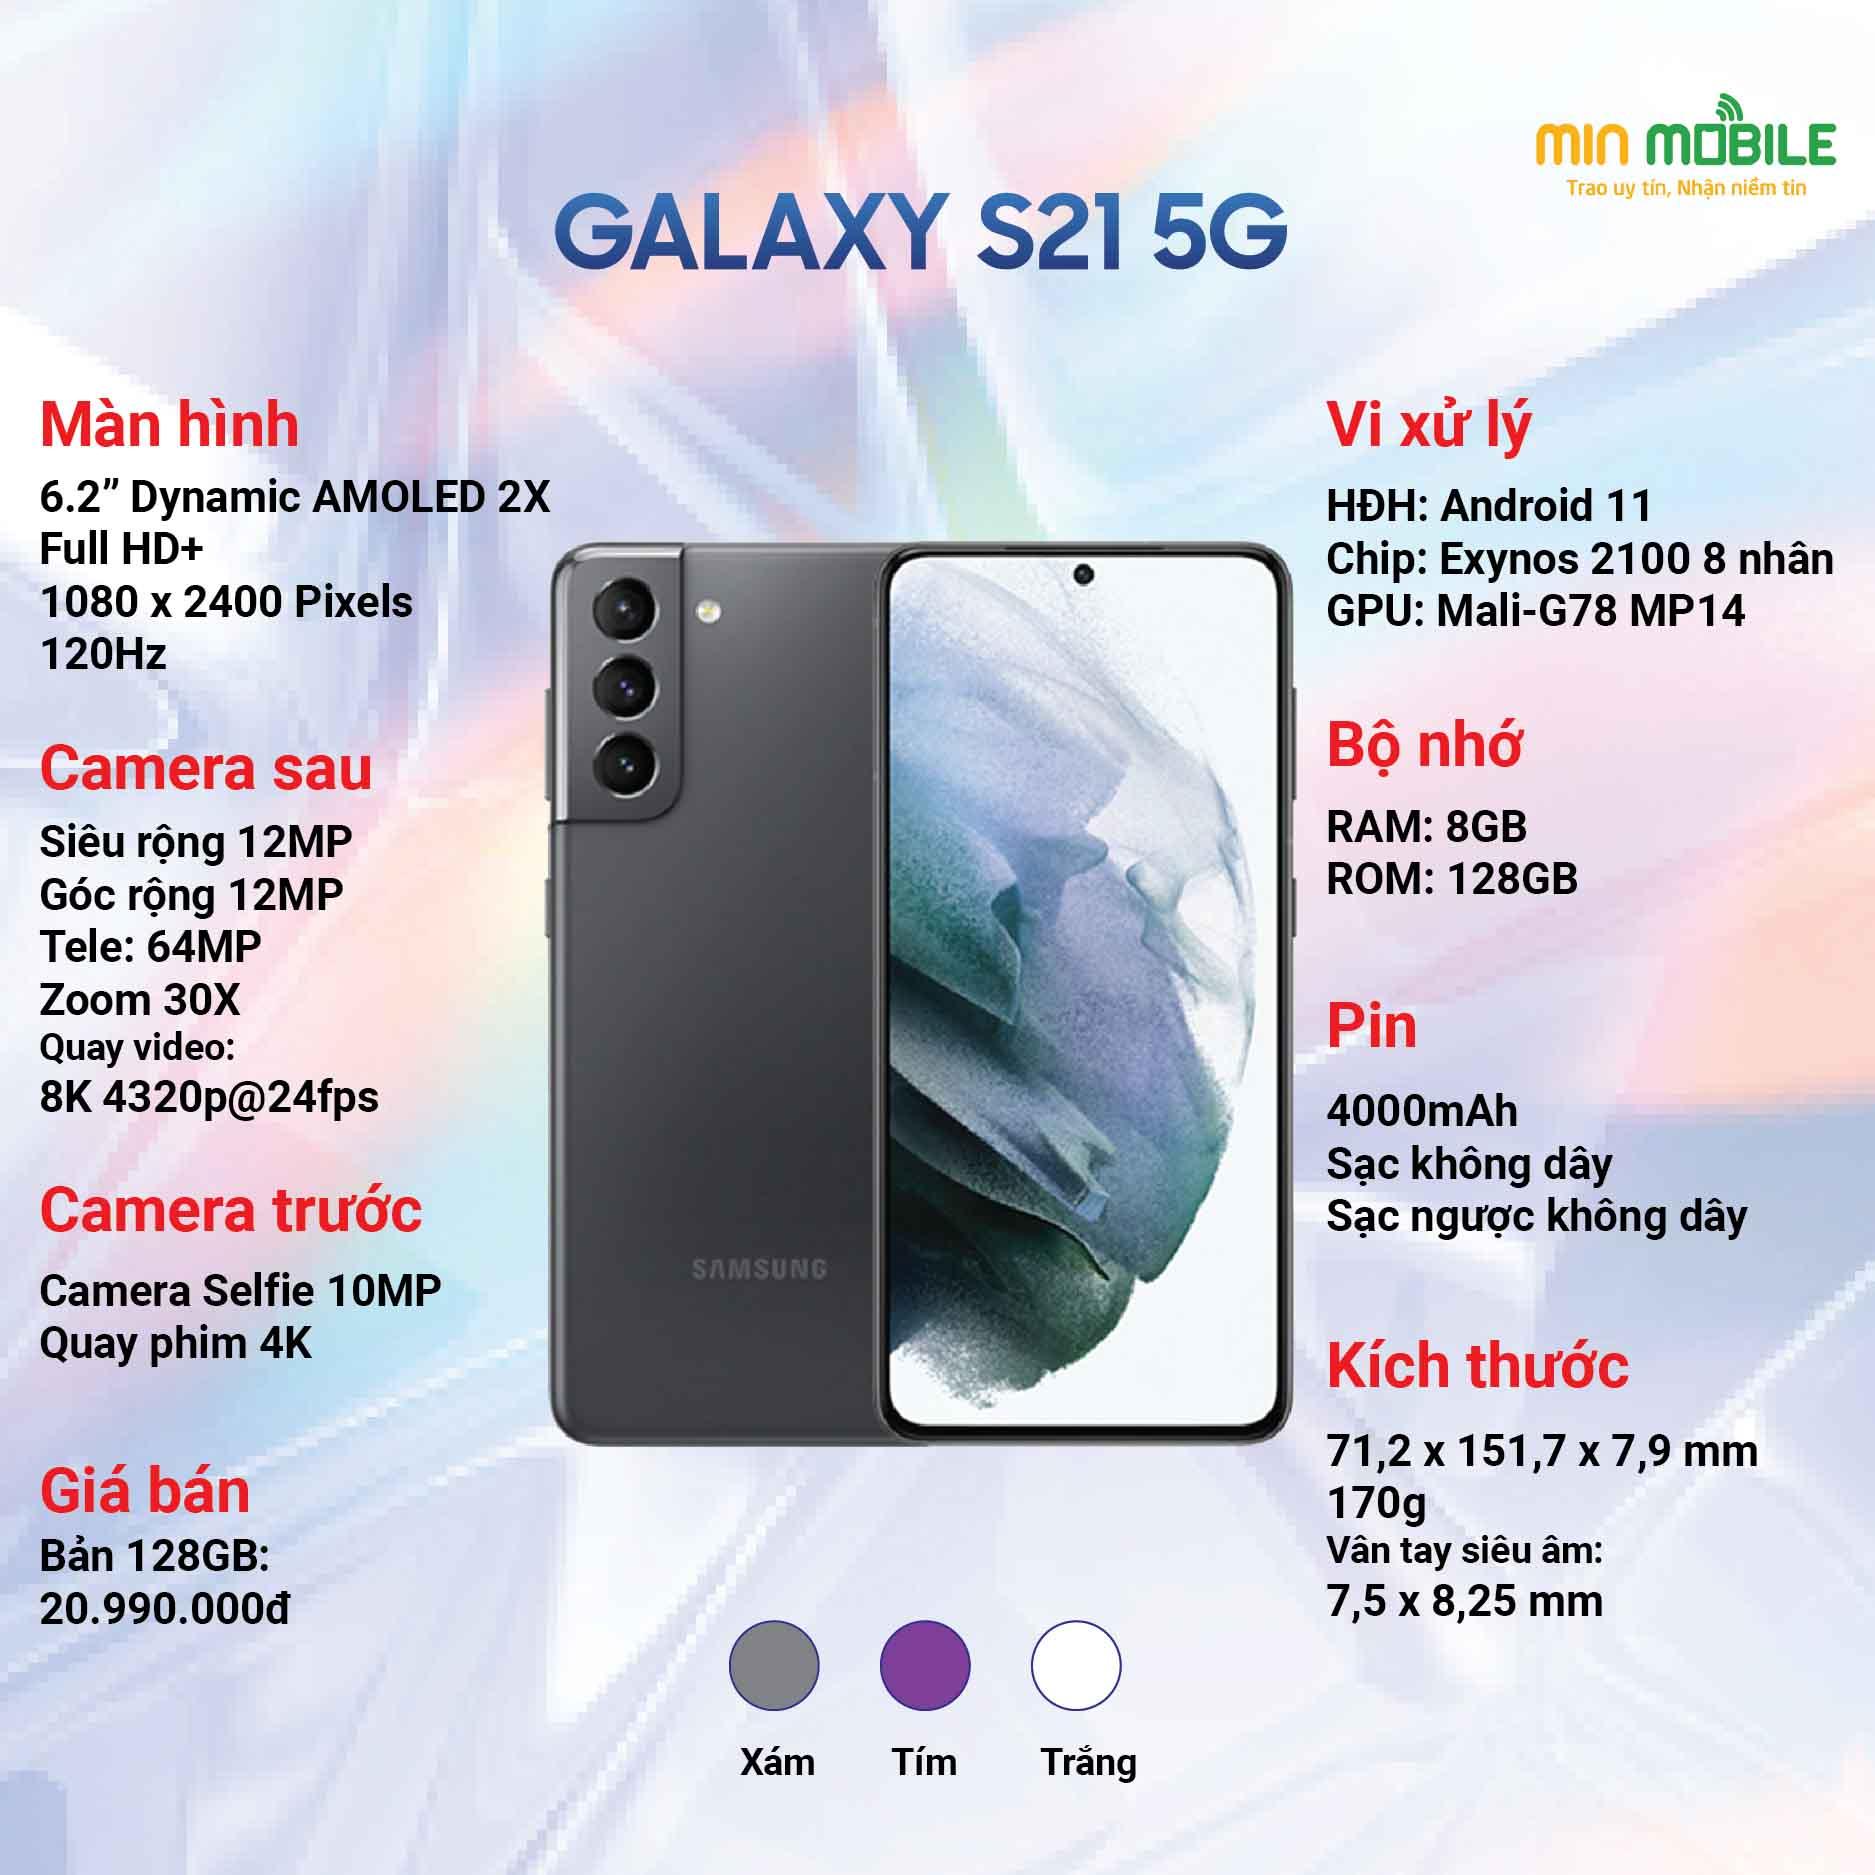 Cấu hình Samsung Galaxy S21 5g